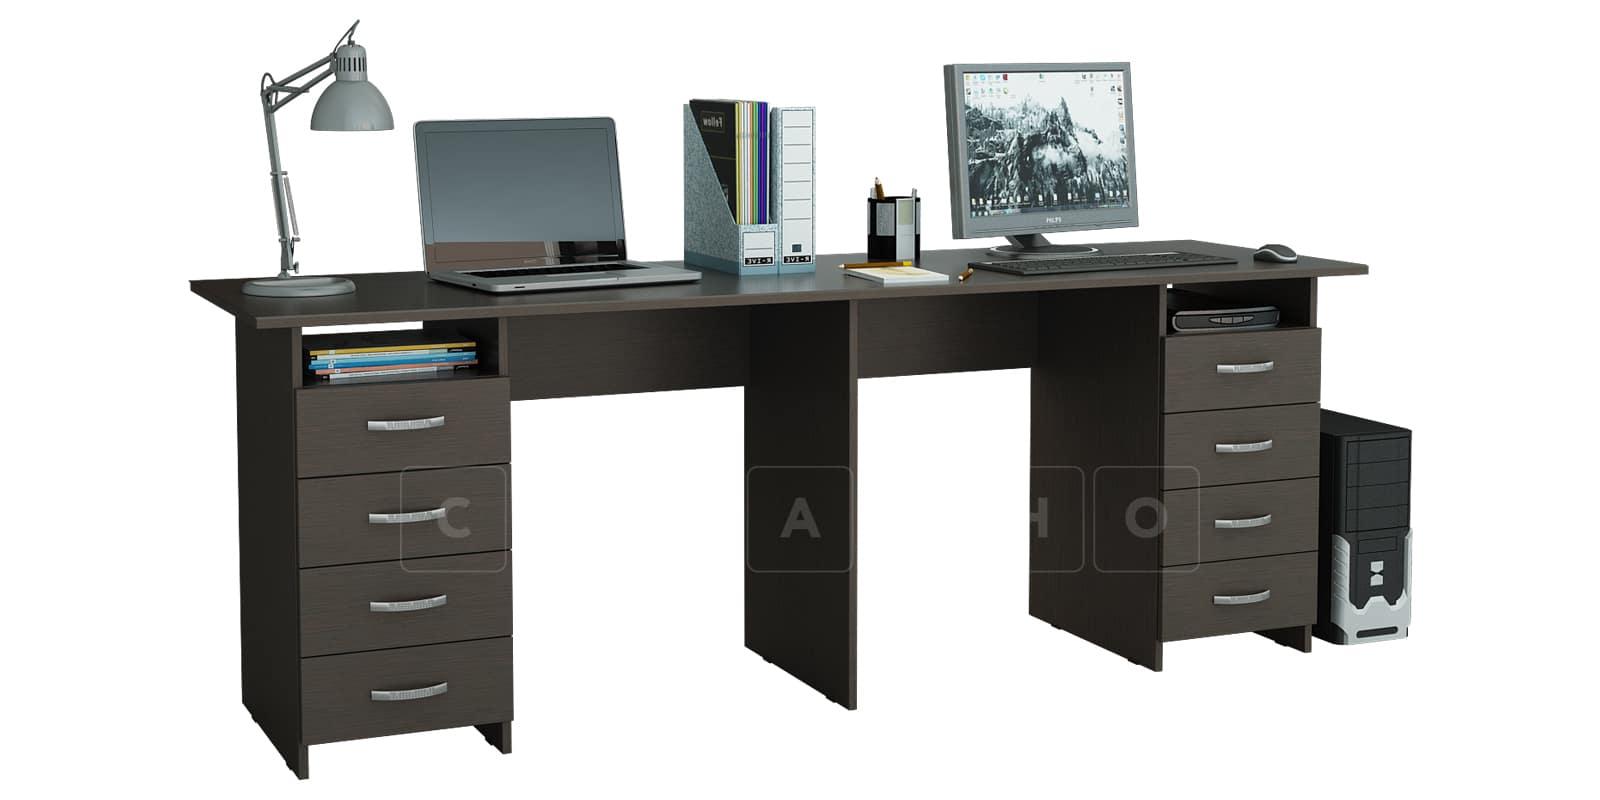 Офисный стол Кейптаун с двумя тумбами фото 3   интернет-магазин Складно